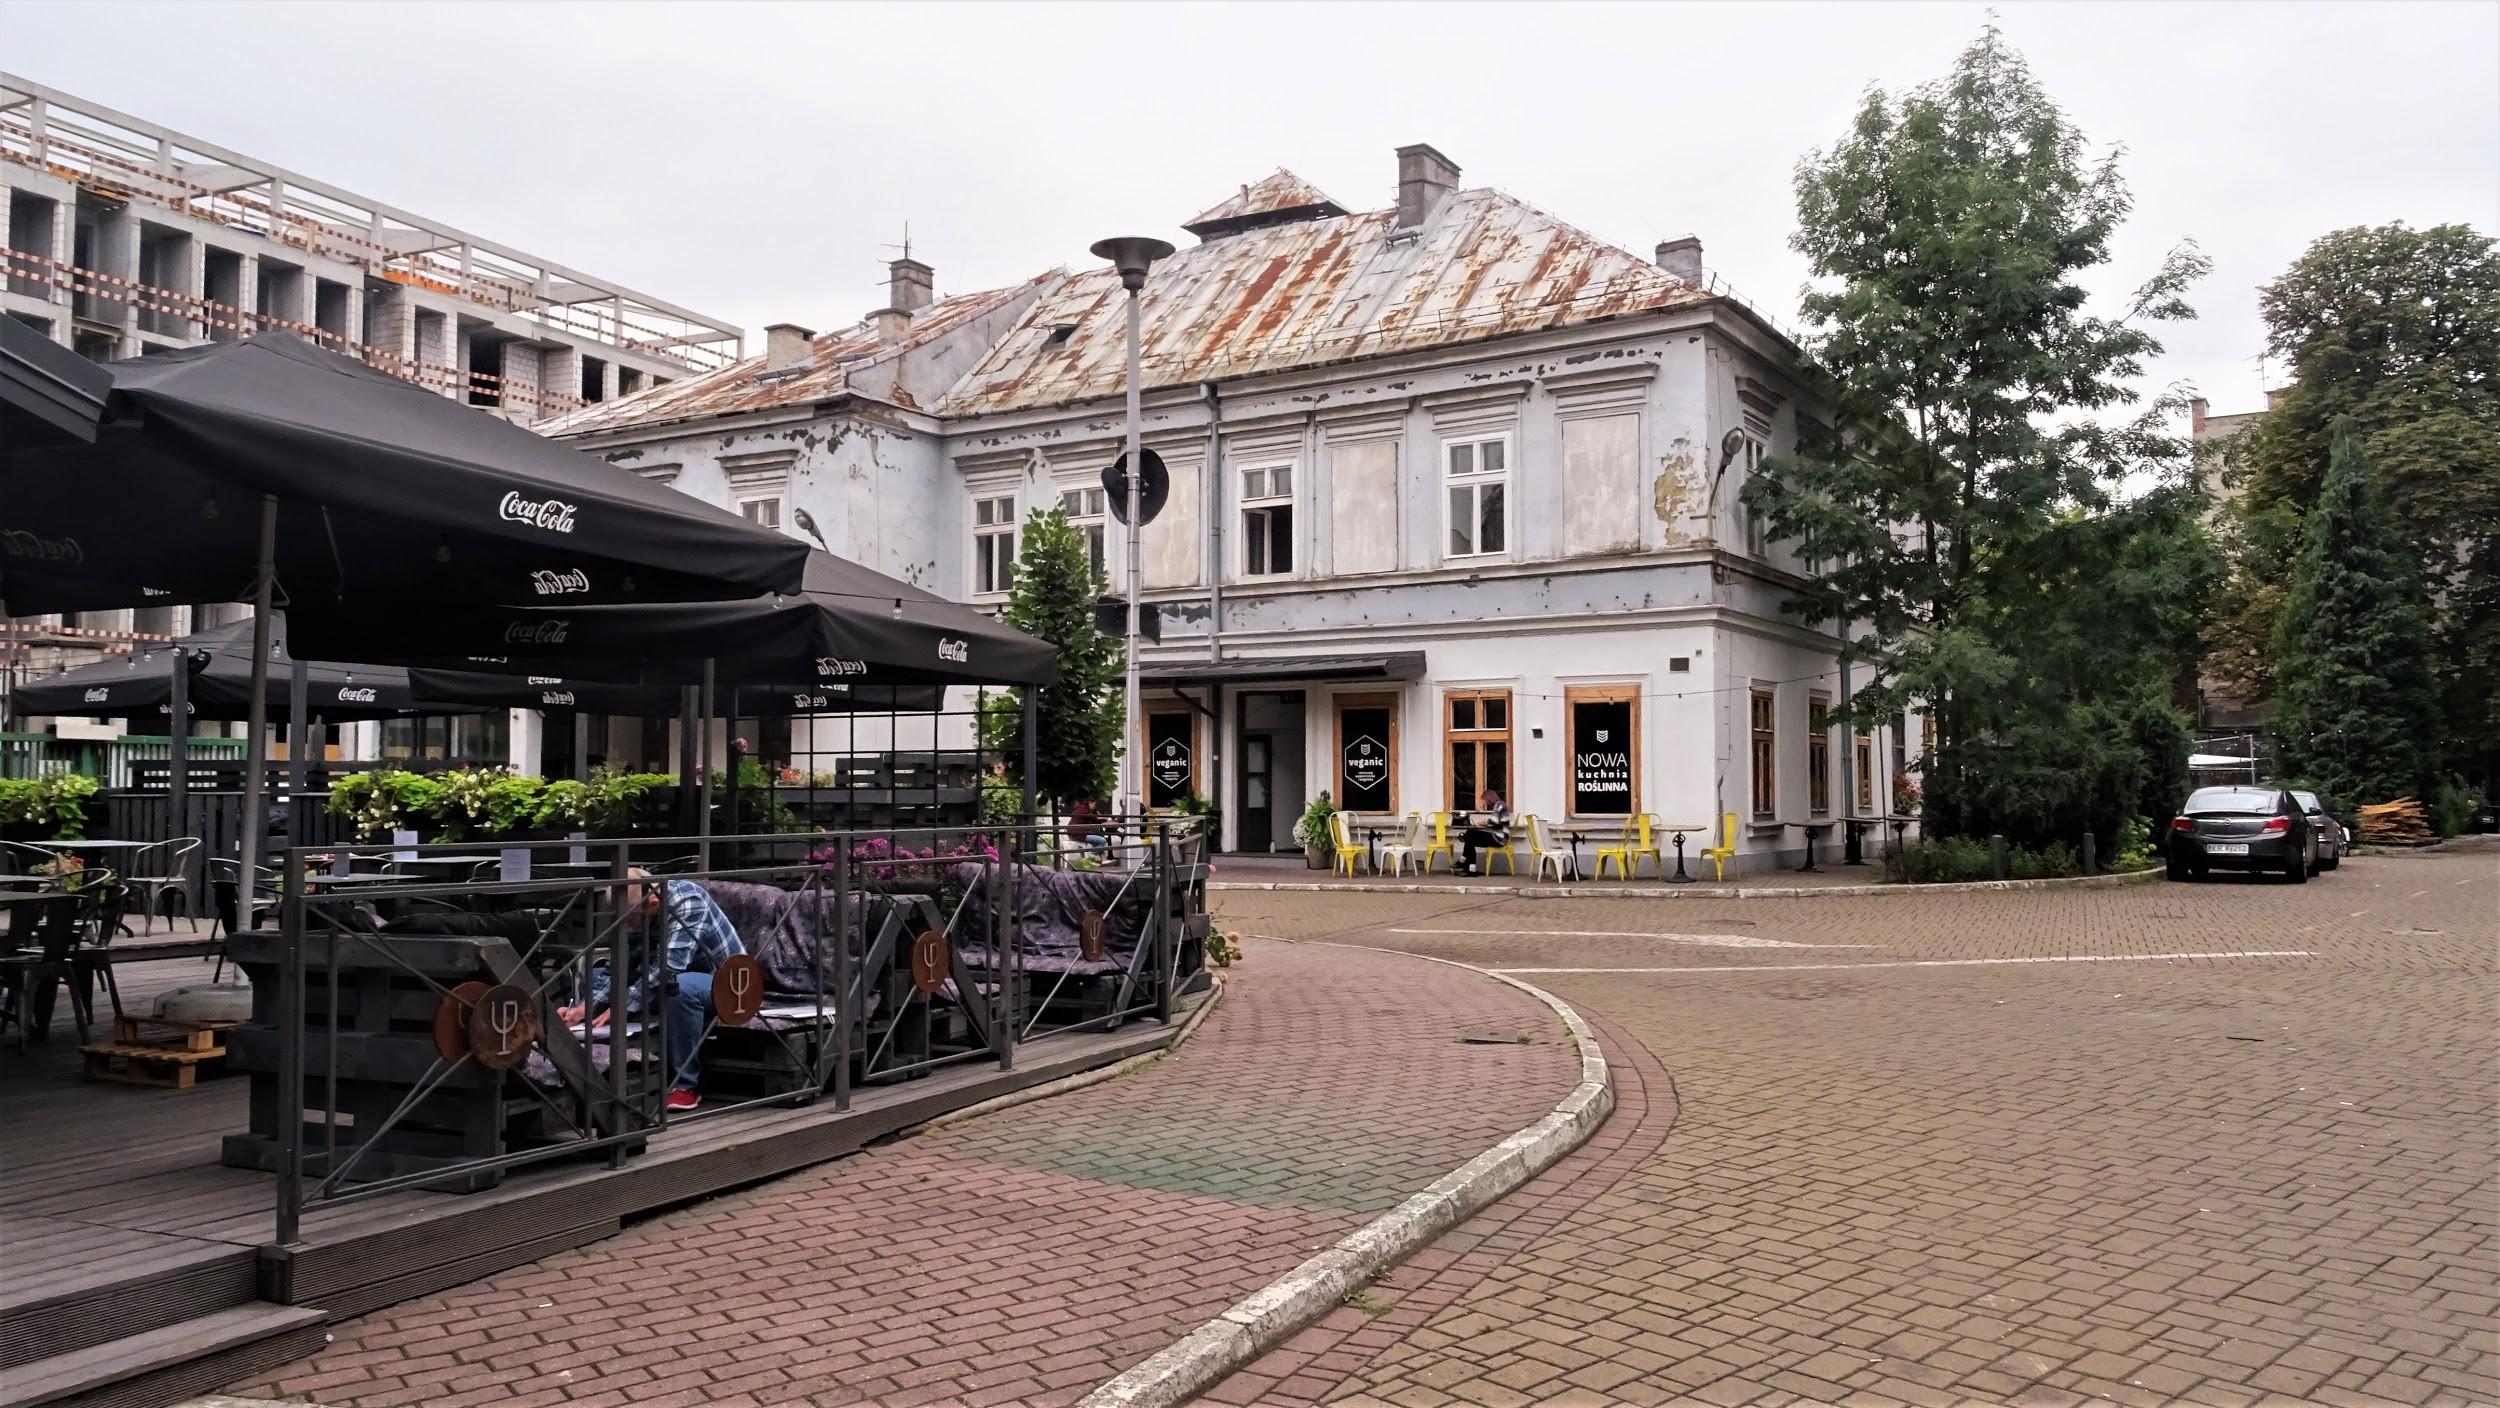 Krakow-DolnychMlynow-CityBreak-01